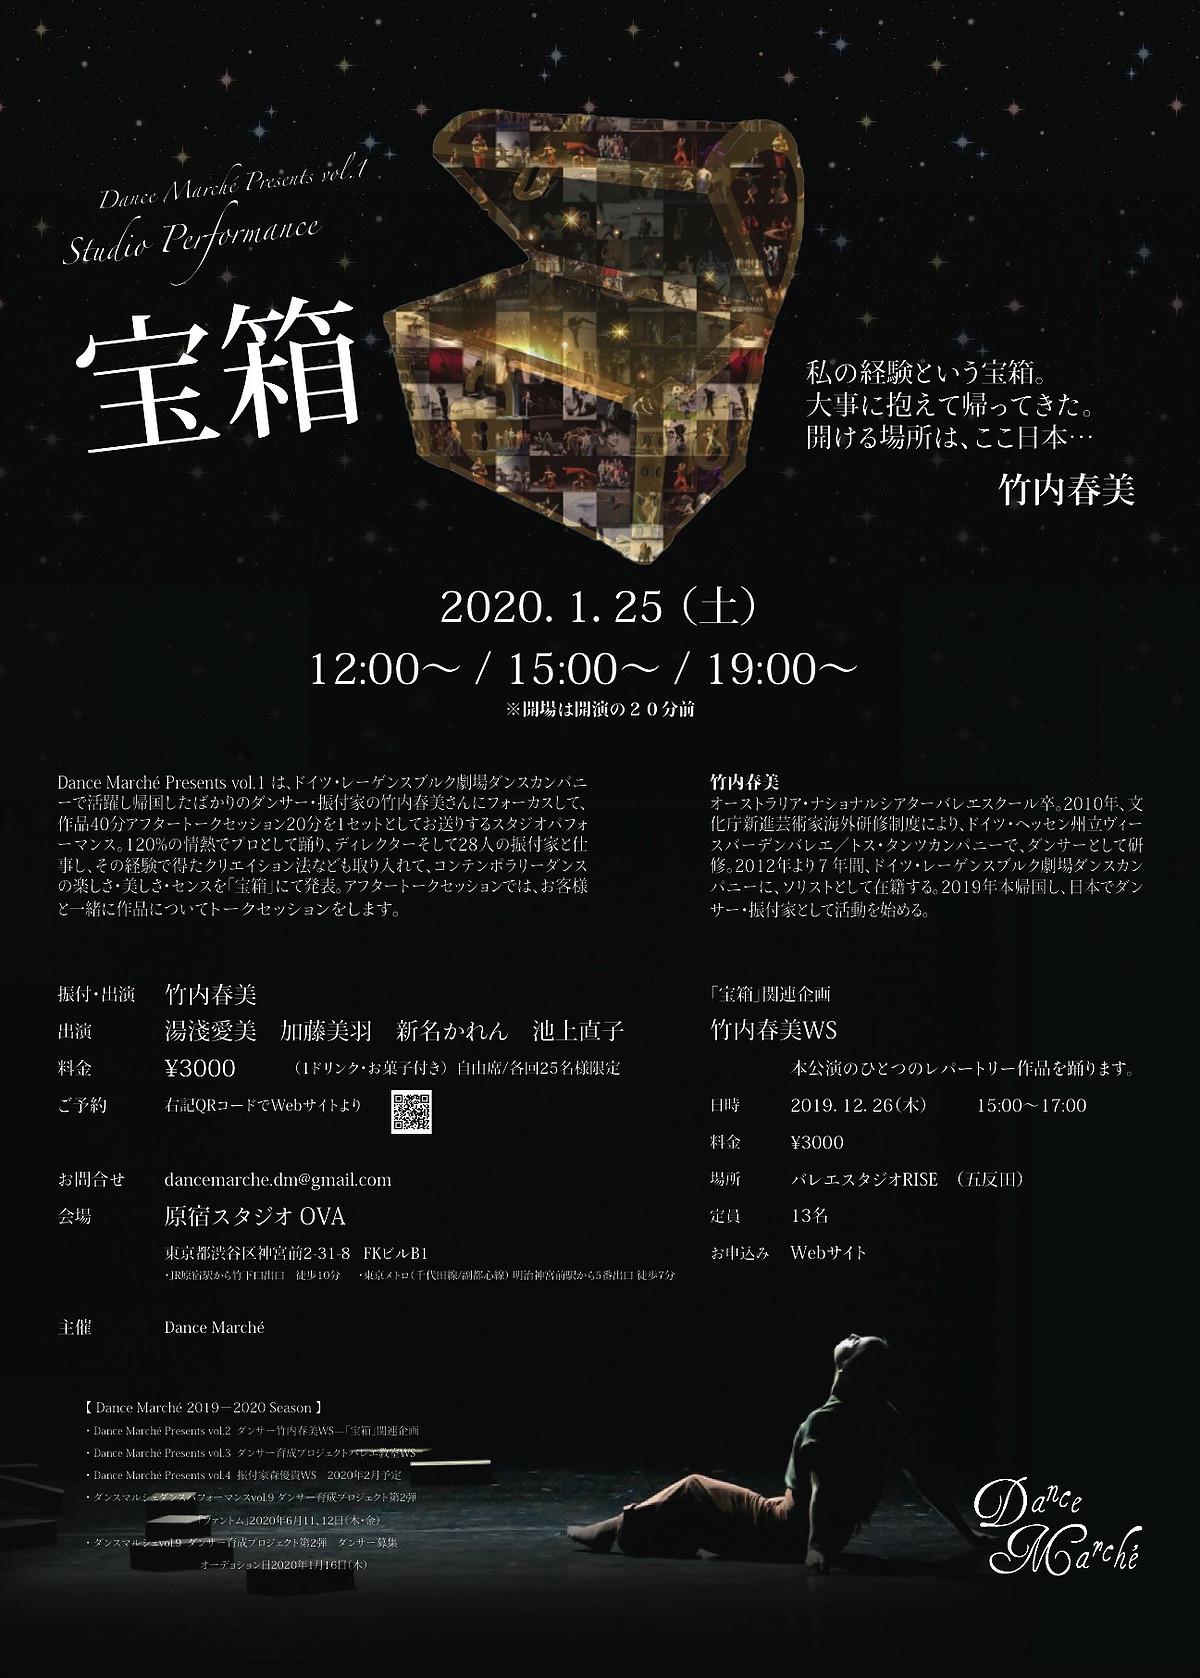 記事「ダンス・マルシェが竹内春美氏を迎えスタジオパフォーマンスを開催!」の画像